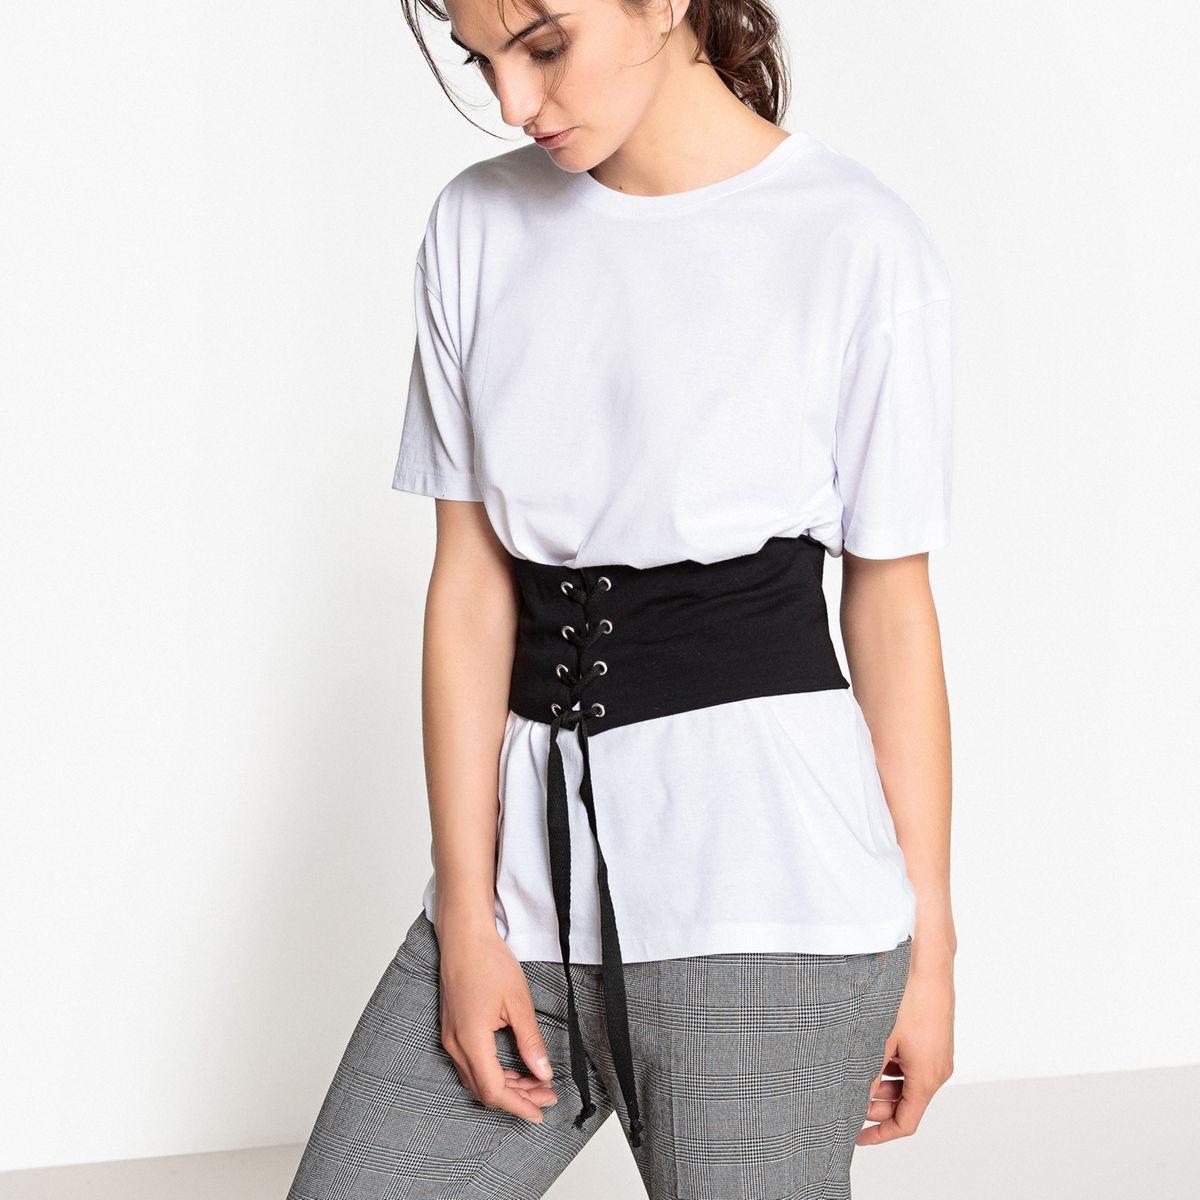 Tee-shirt avec corset